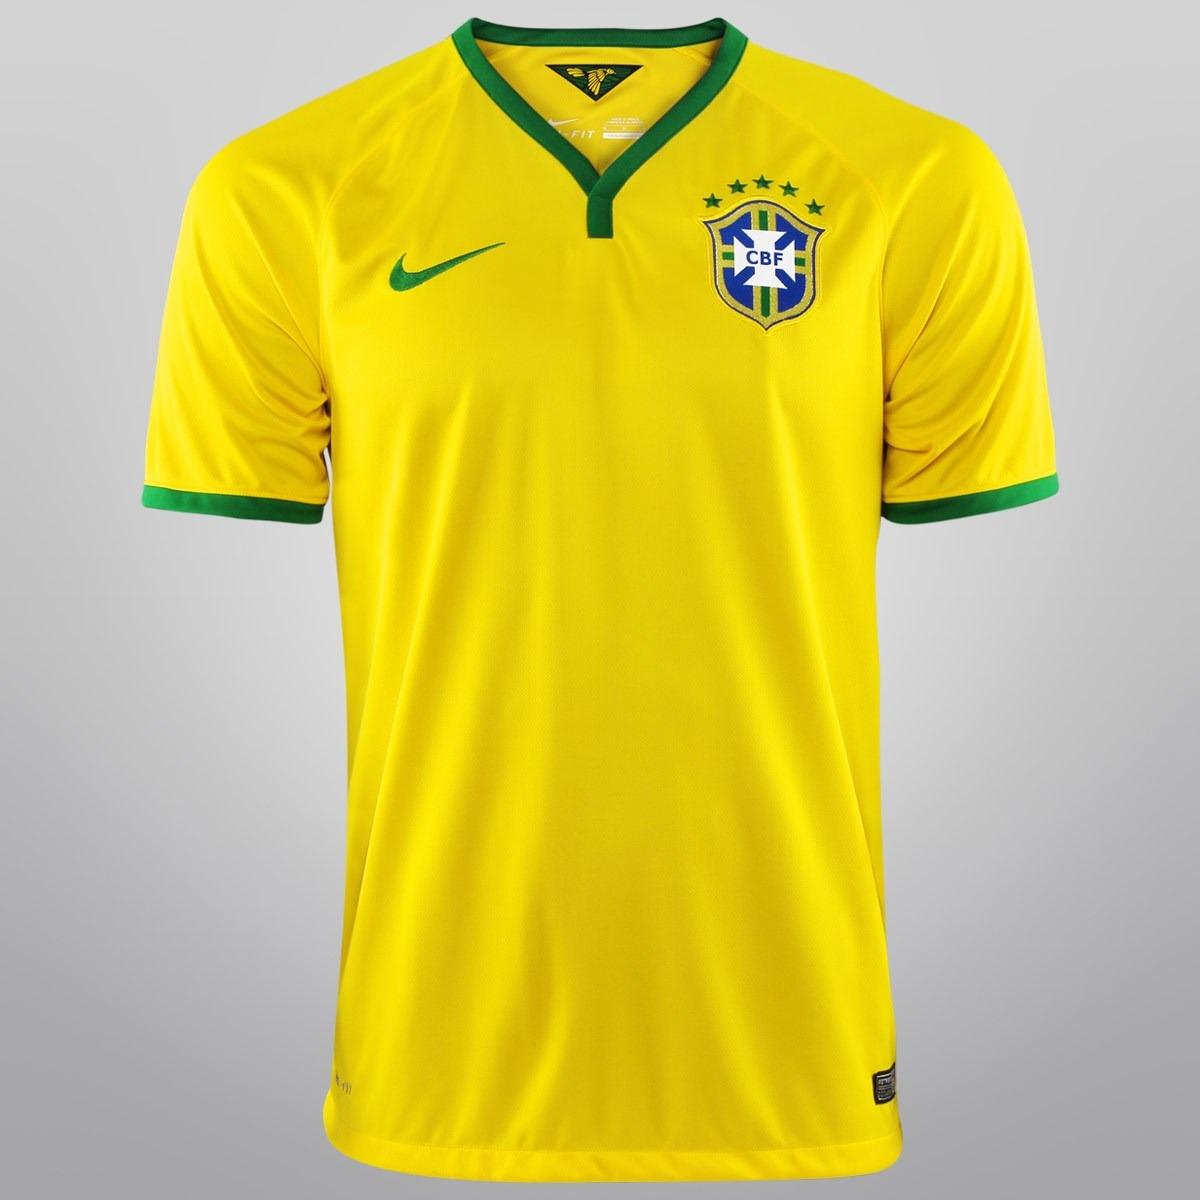 bf1601428a camisa nike seleção brasil i 14 15 nº 10 - torcedor original. Carregando  zoom.